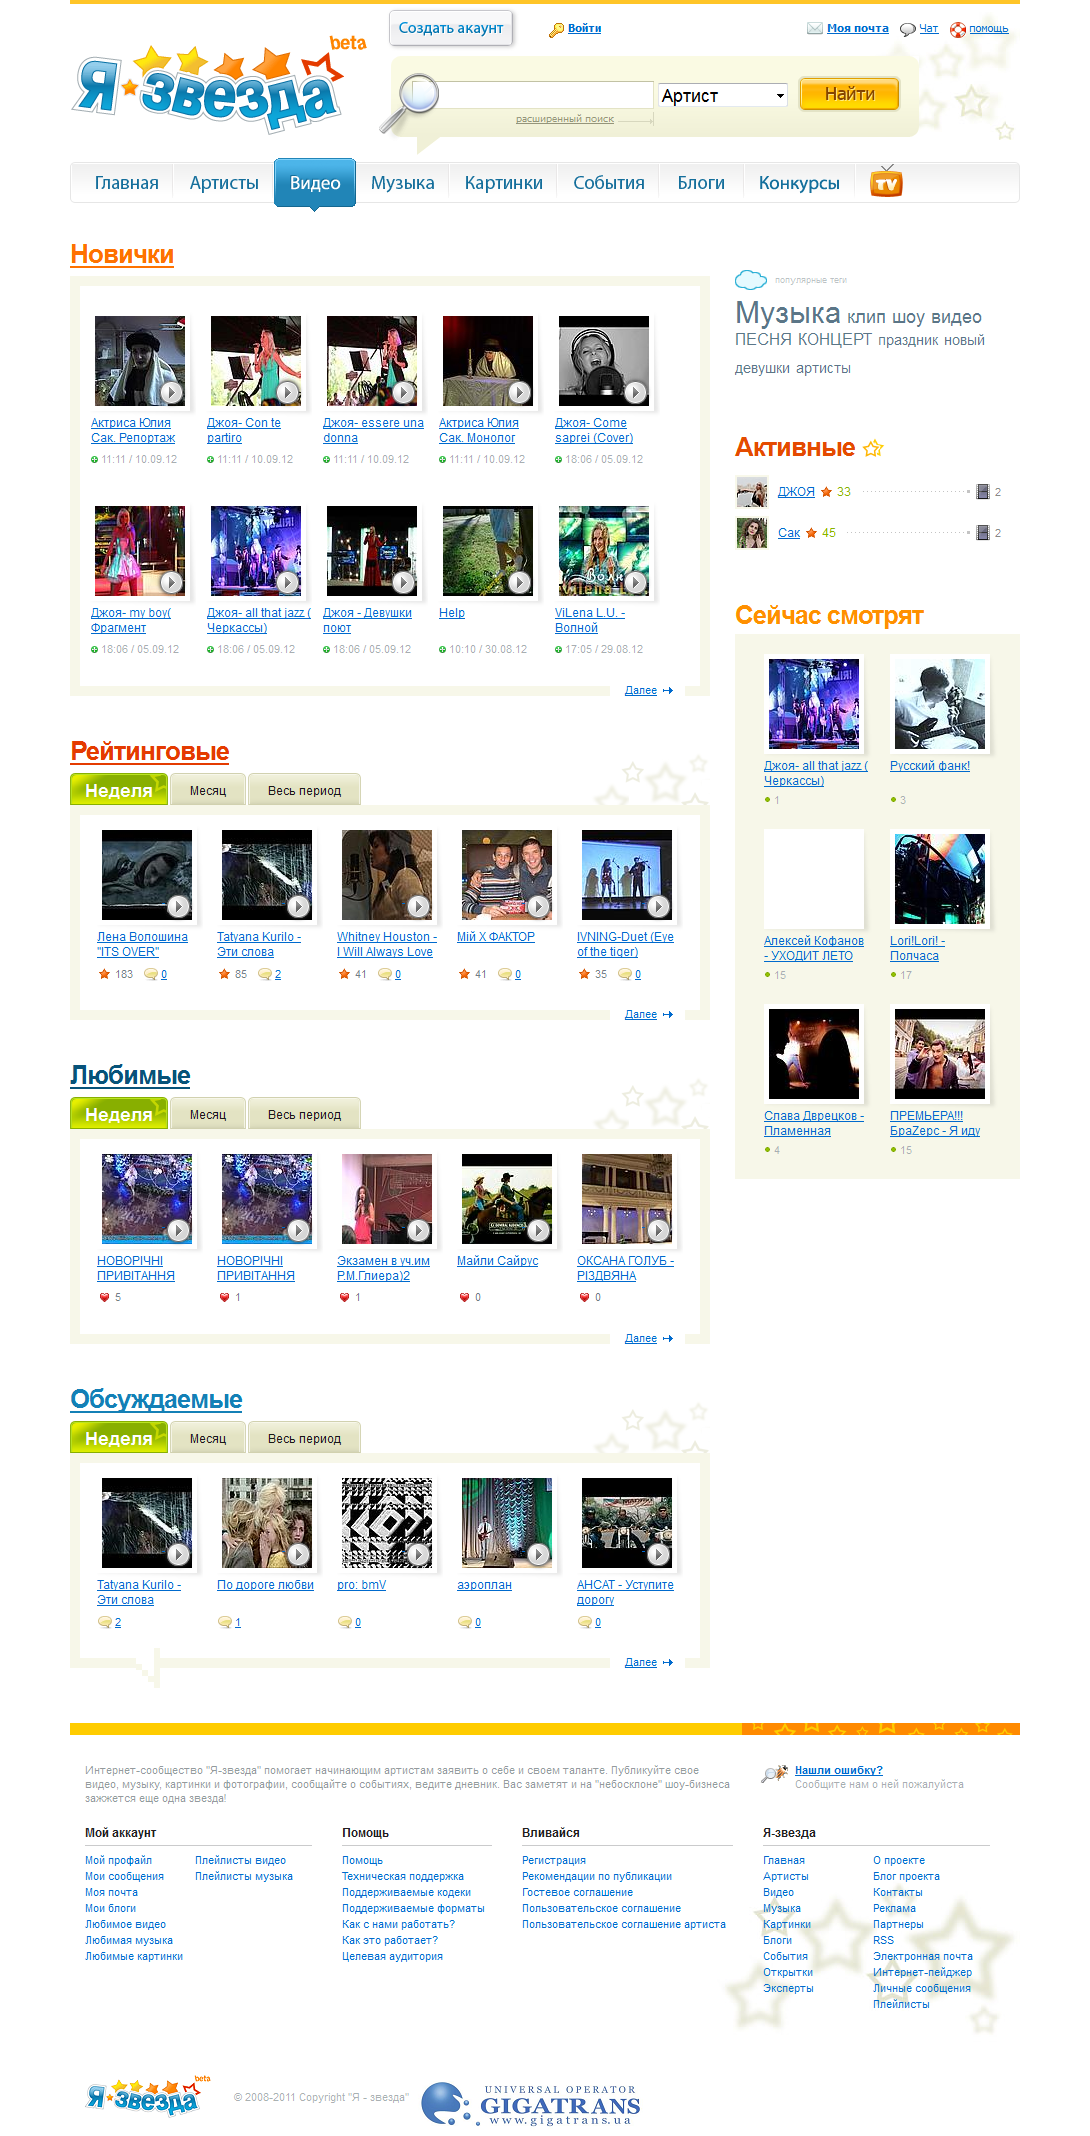 Интернет сообщество артистов